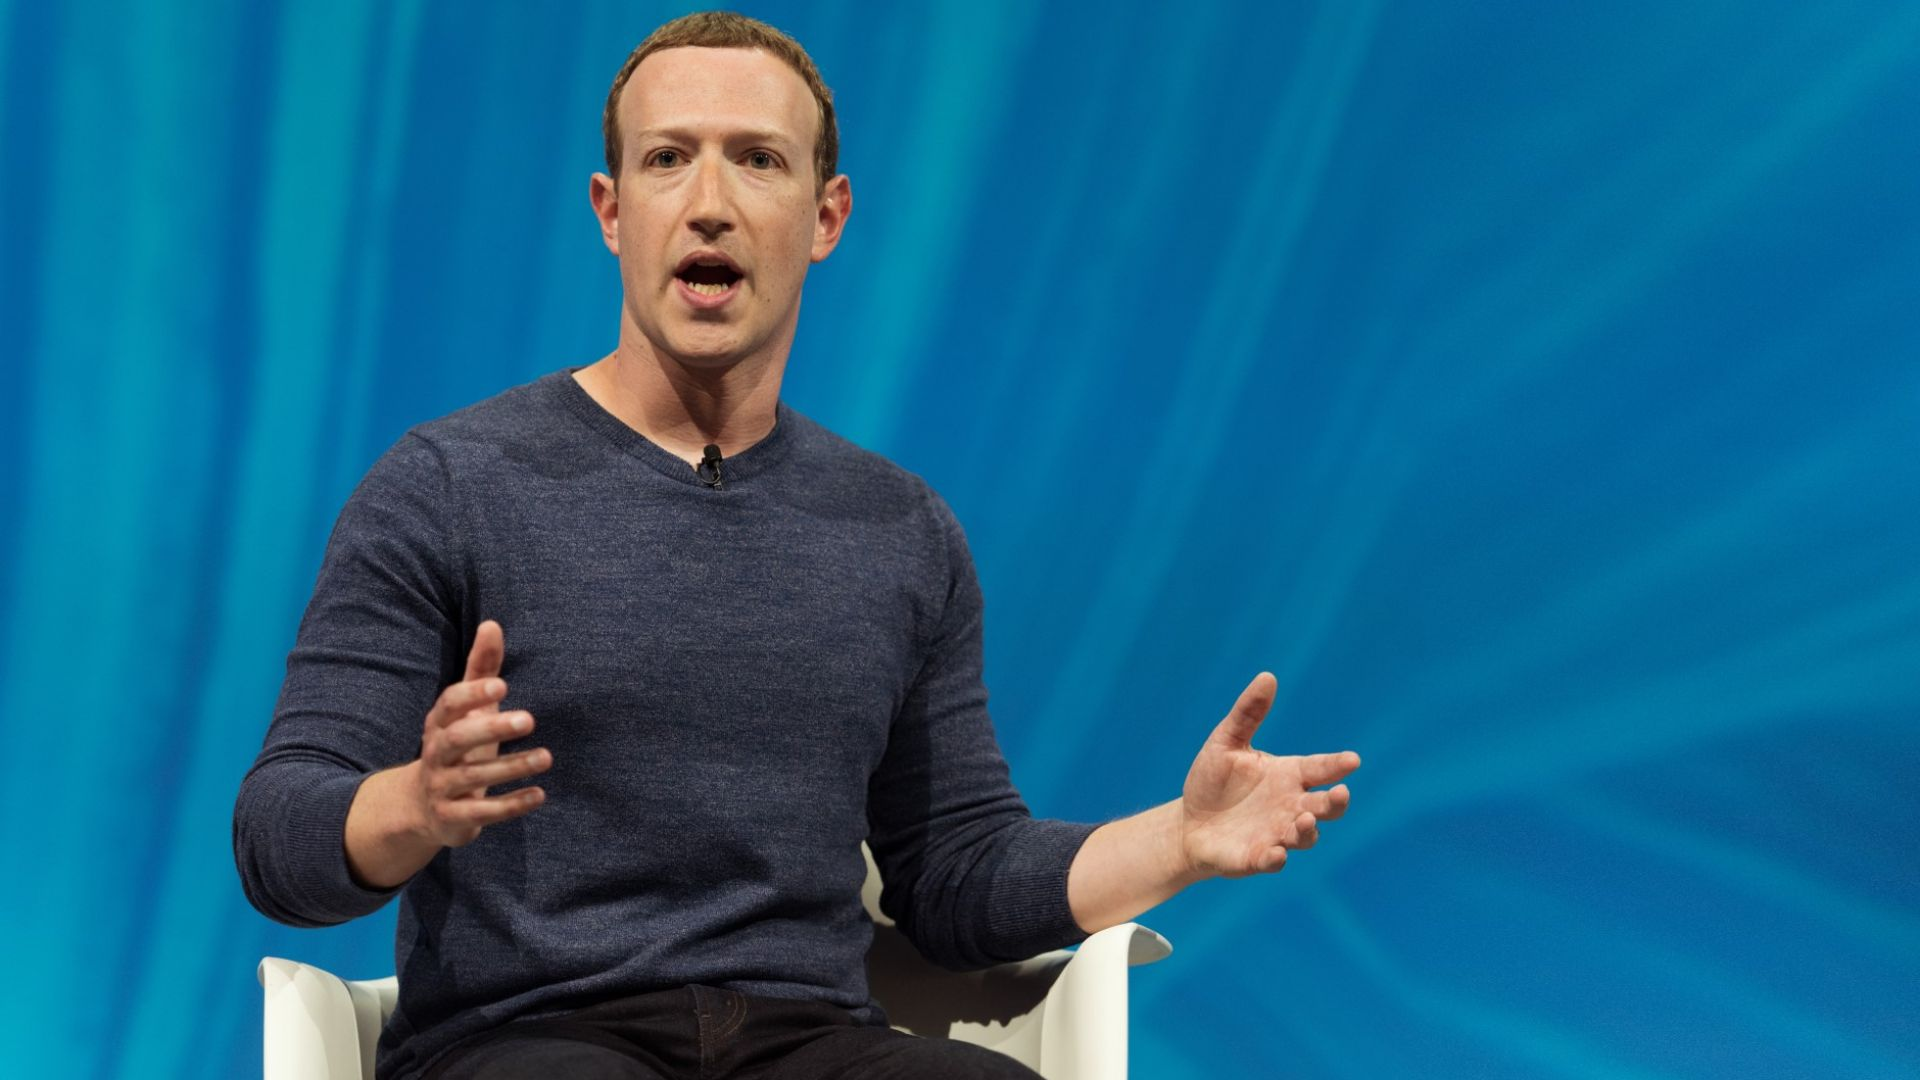 Зукърбърг имал тунел за бягство от централата на Фейсбук